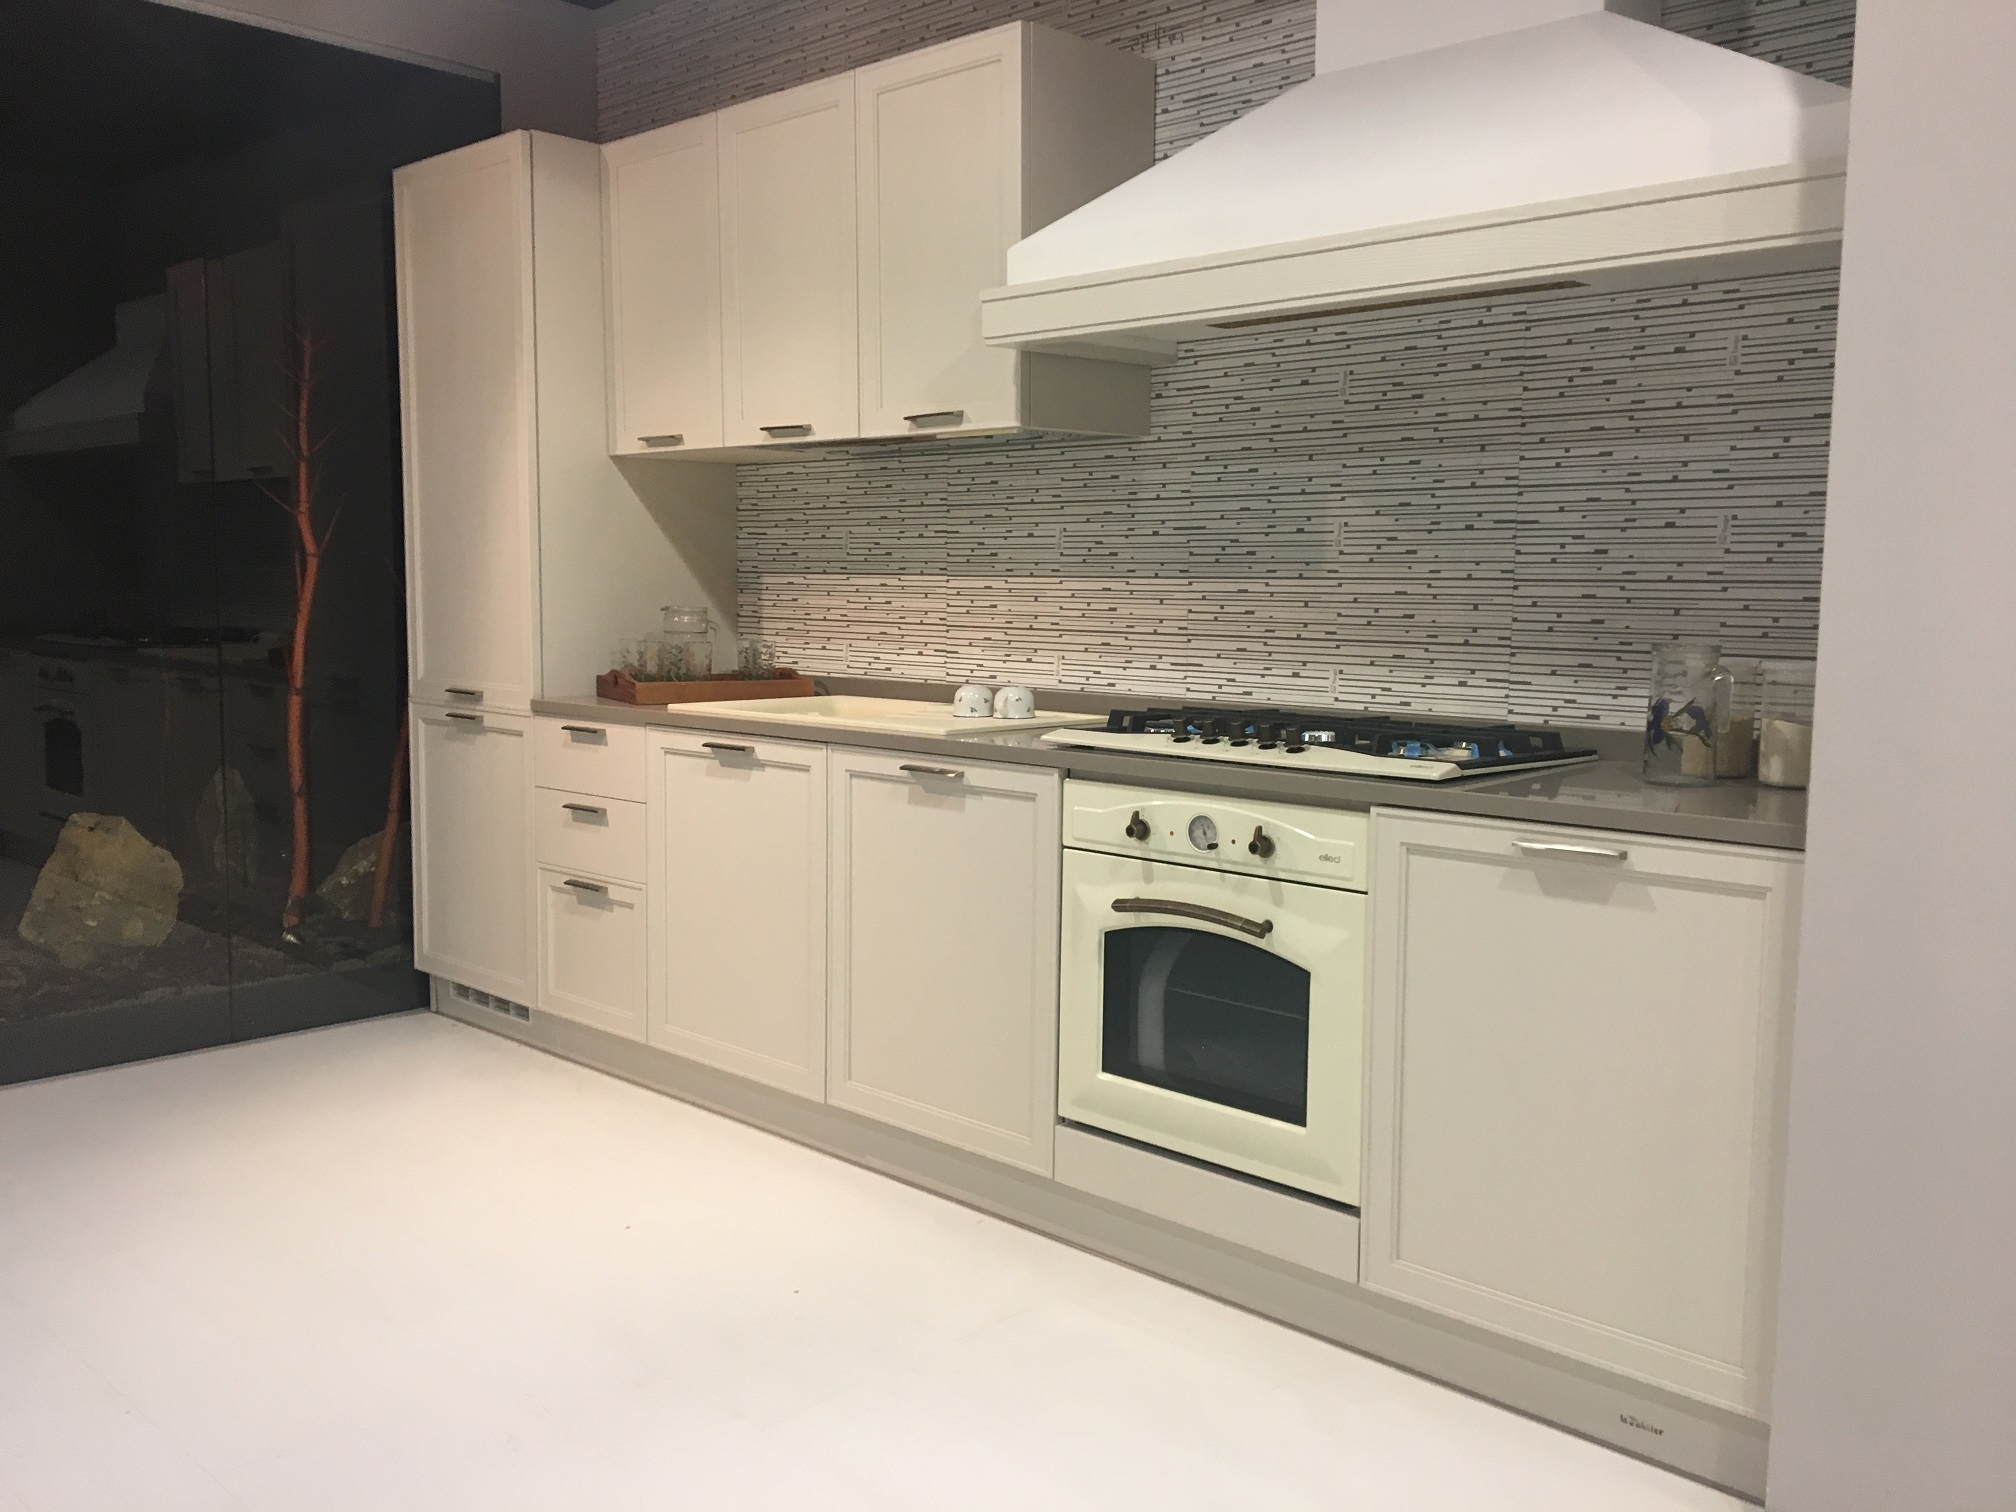 Le fablier cucina melograno moderne laccato bianca cucine a prezzi scontati - Le fablier cucine ...